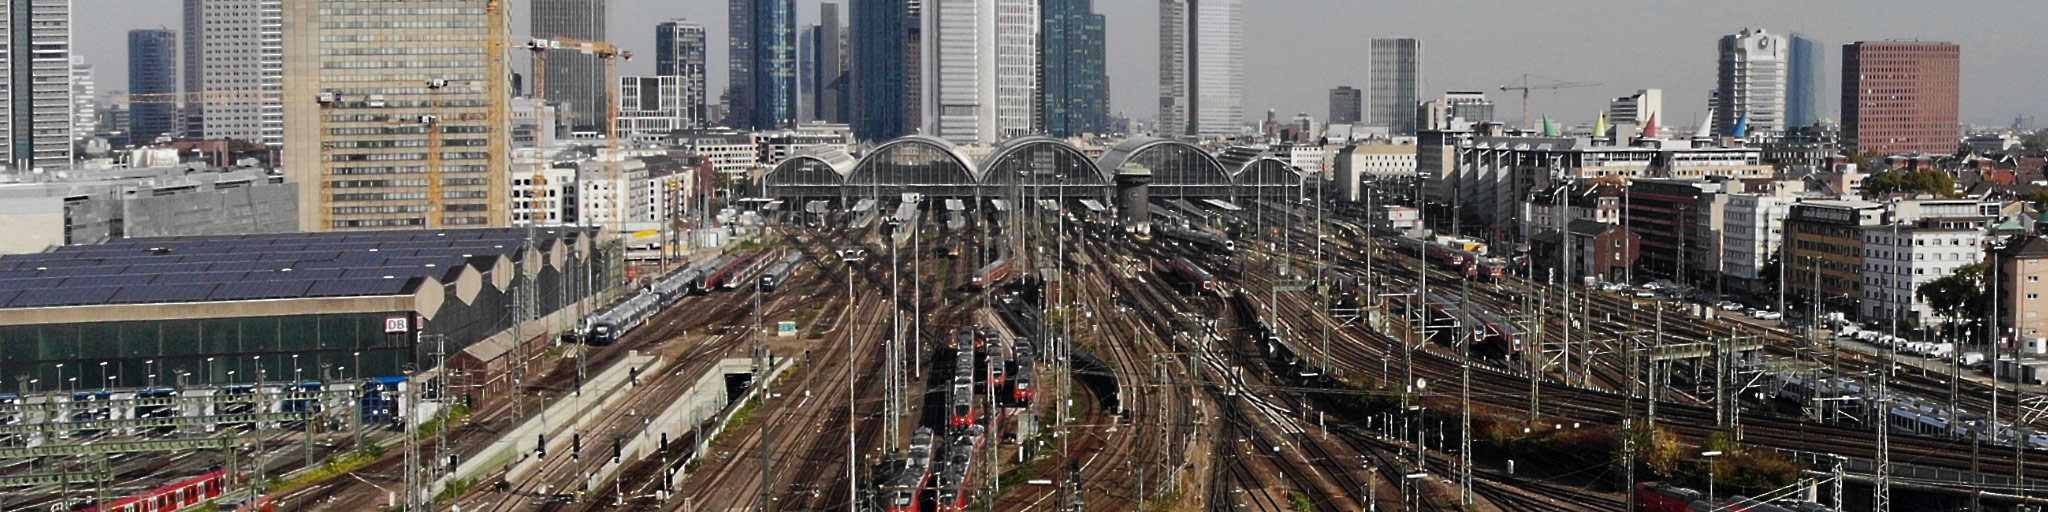 Hauptbahnhof Frankfurt am Main - HBF FFM - Frankfurt Hauptbahnhof - Luftaufnahme - Panoramabild